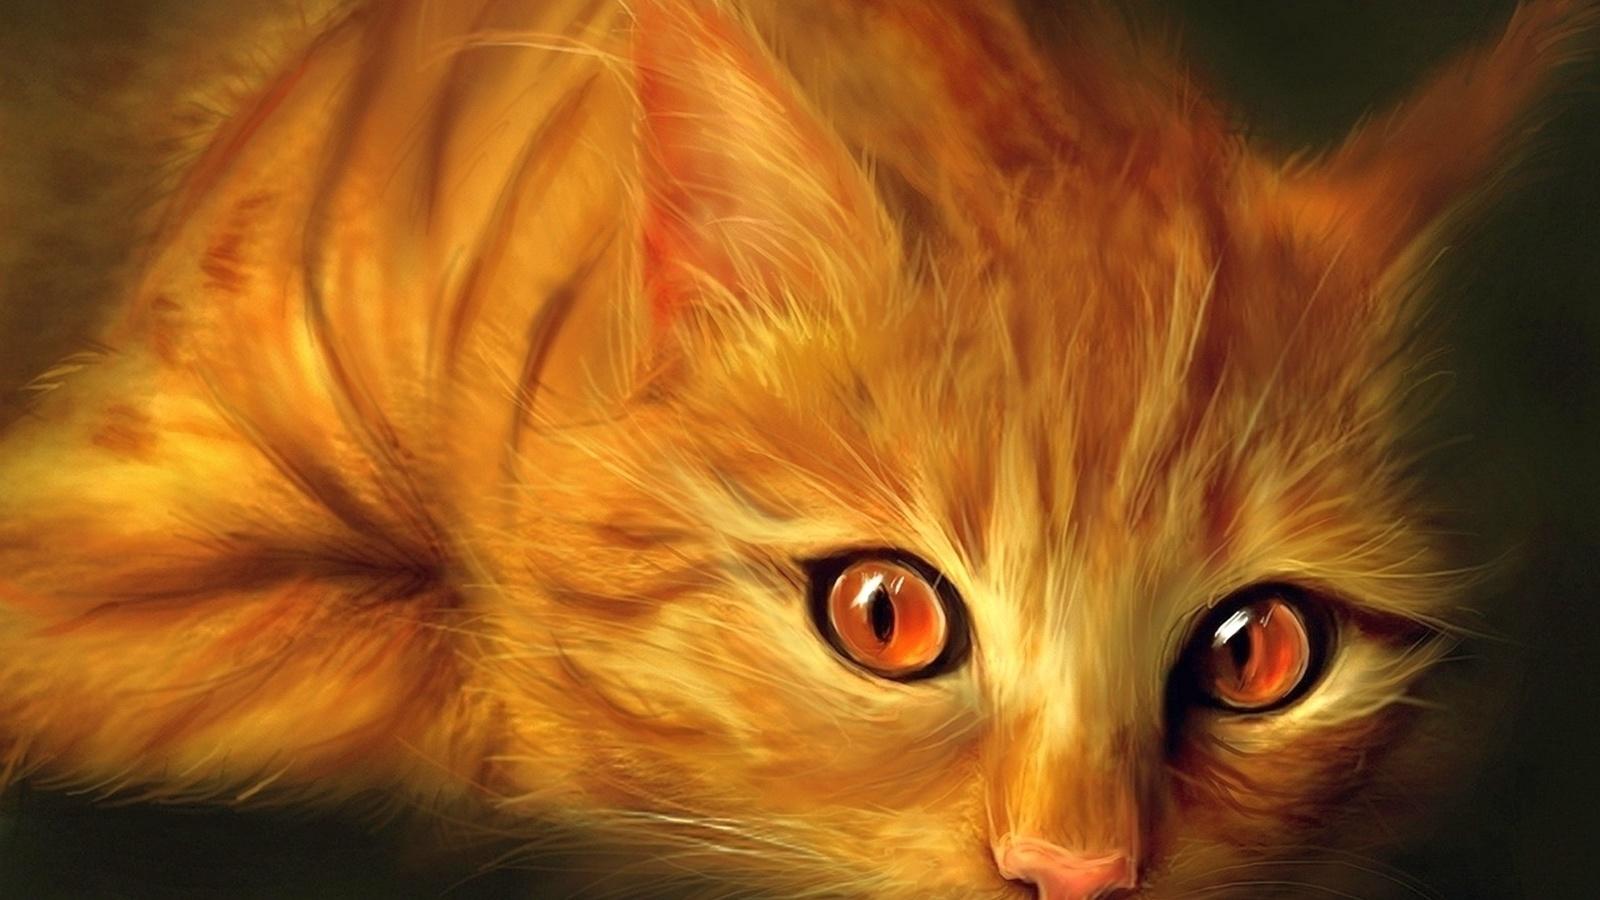 Картинки с животными с надписями красивыми, моему любимке